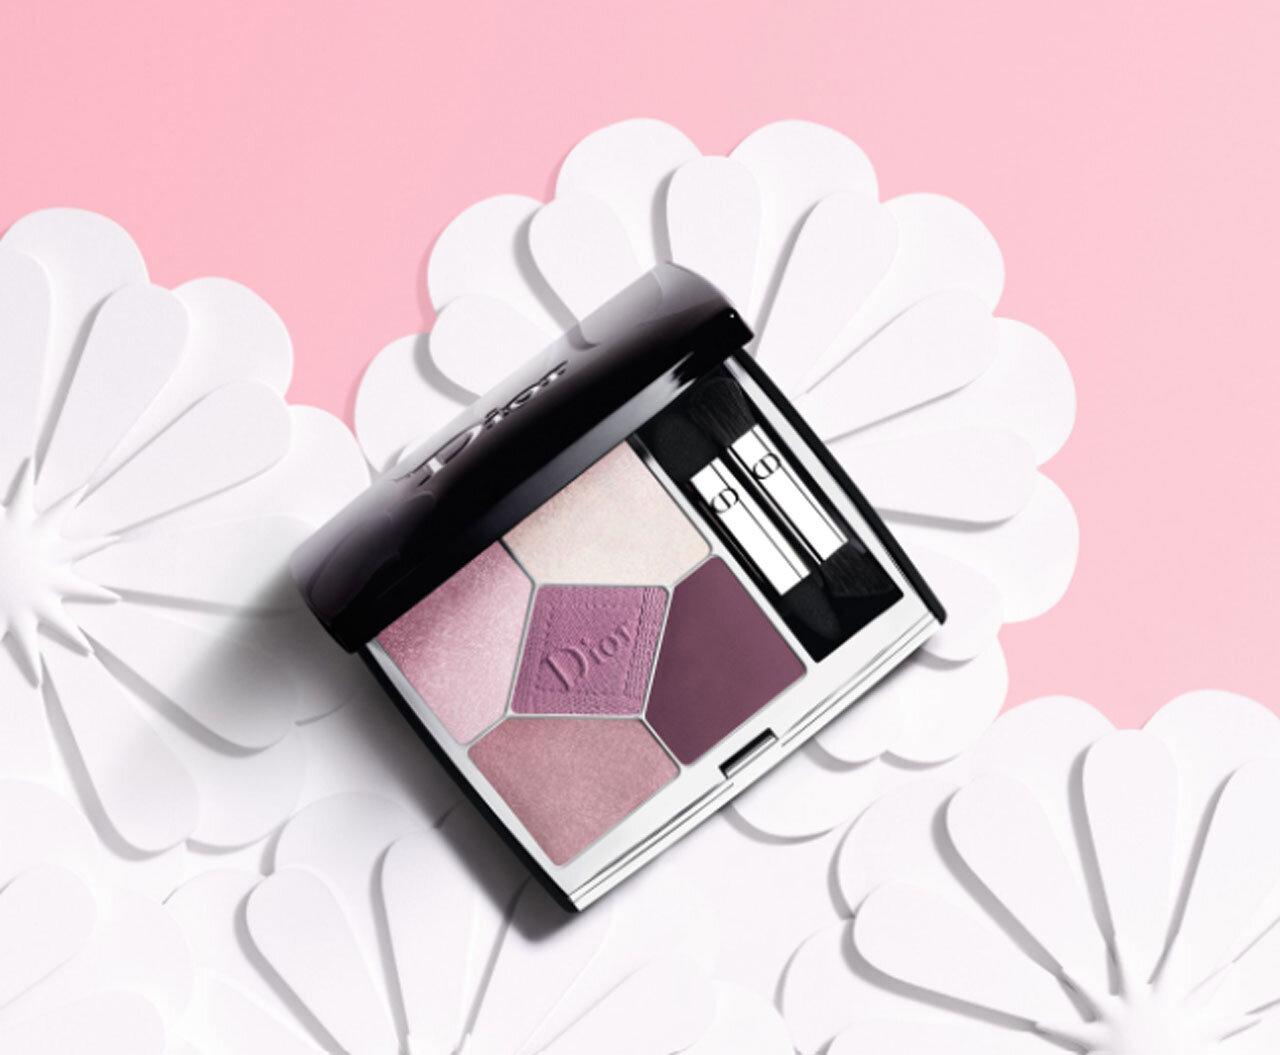 Dior/ディオール サンク クルール クチュール 849 ピンク サクラ